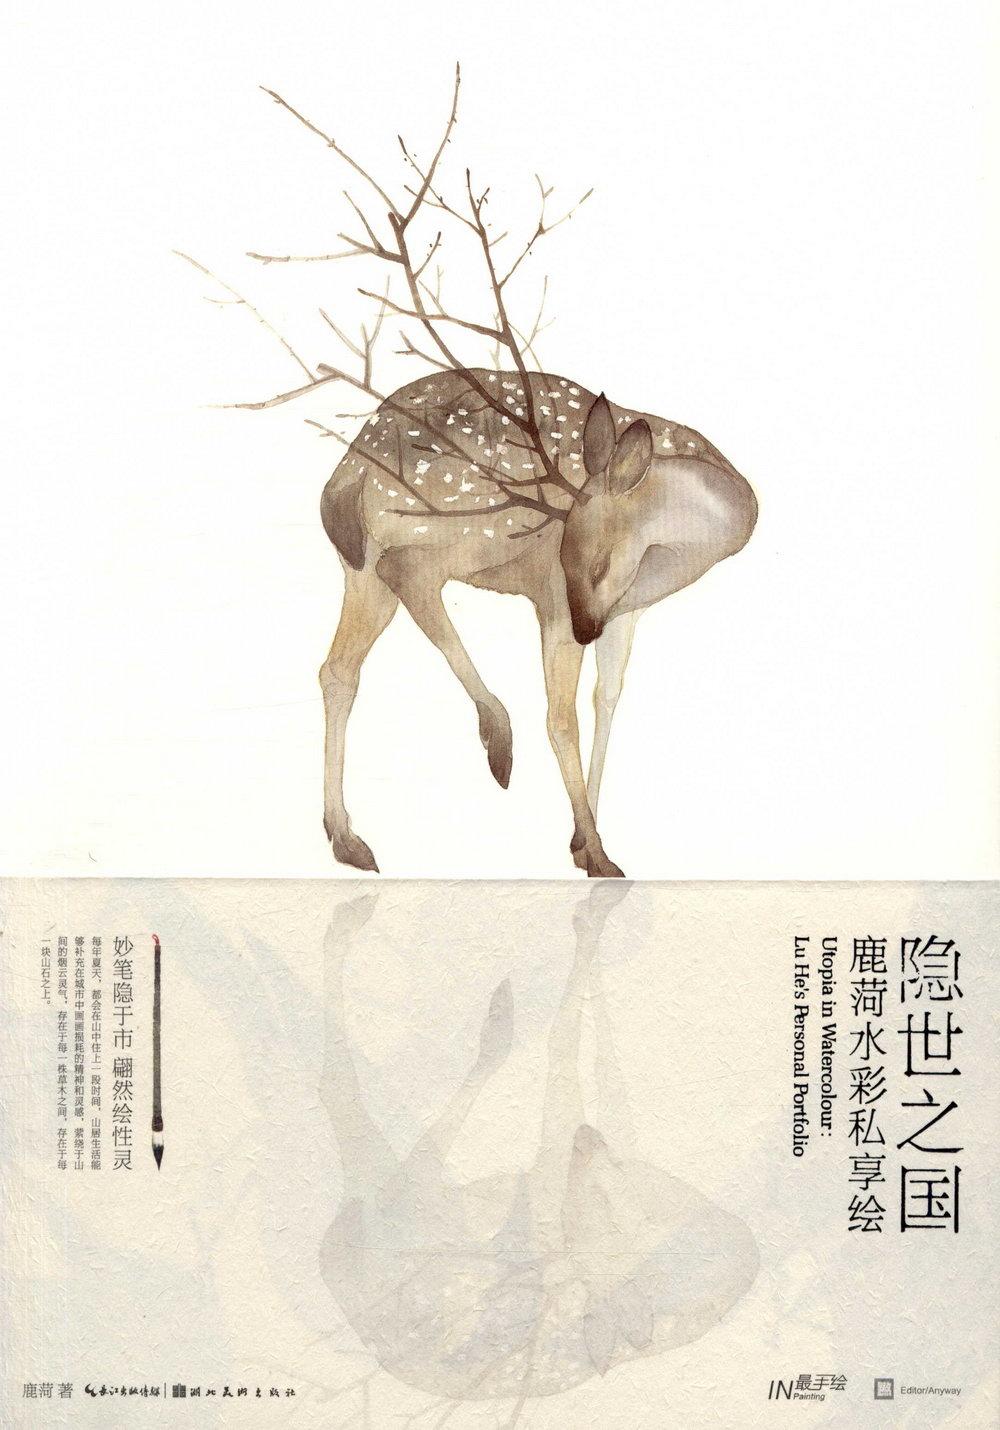 隱世之國:鹿荷水彩私享繪最手繪